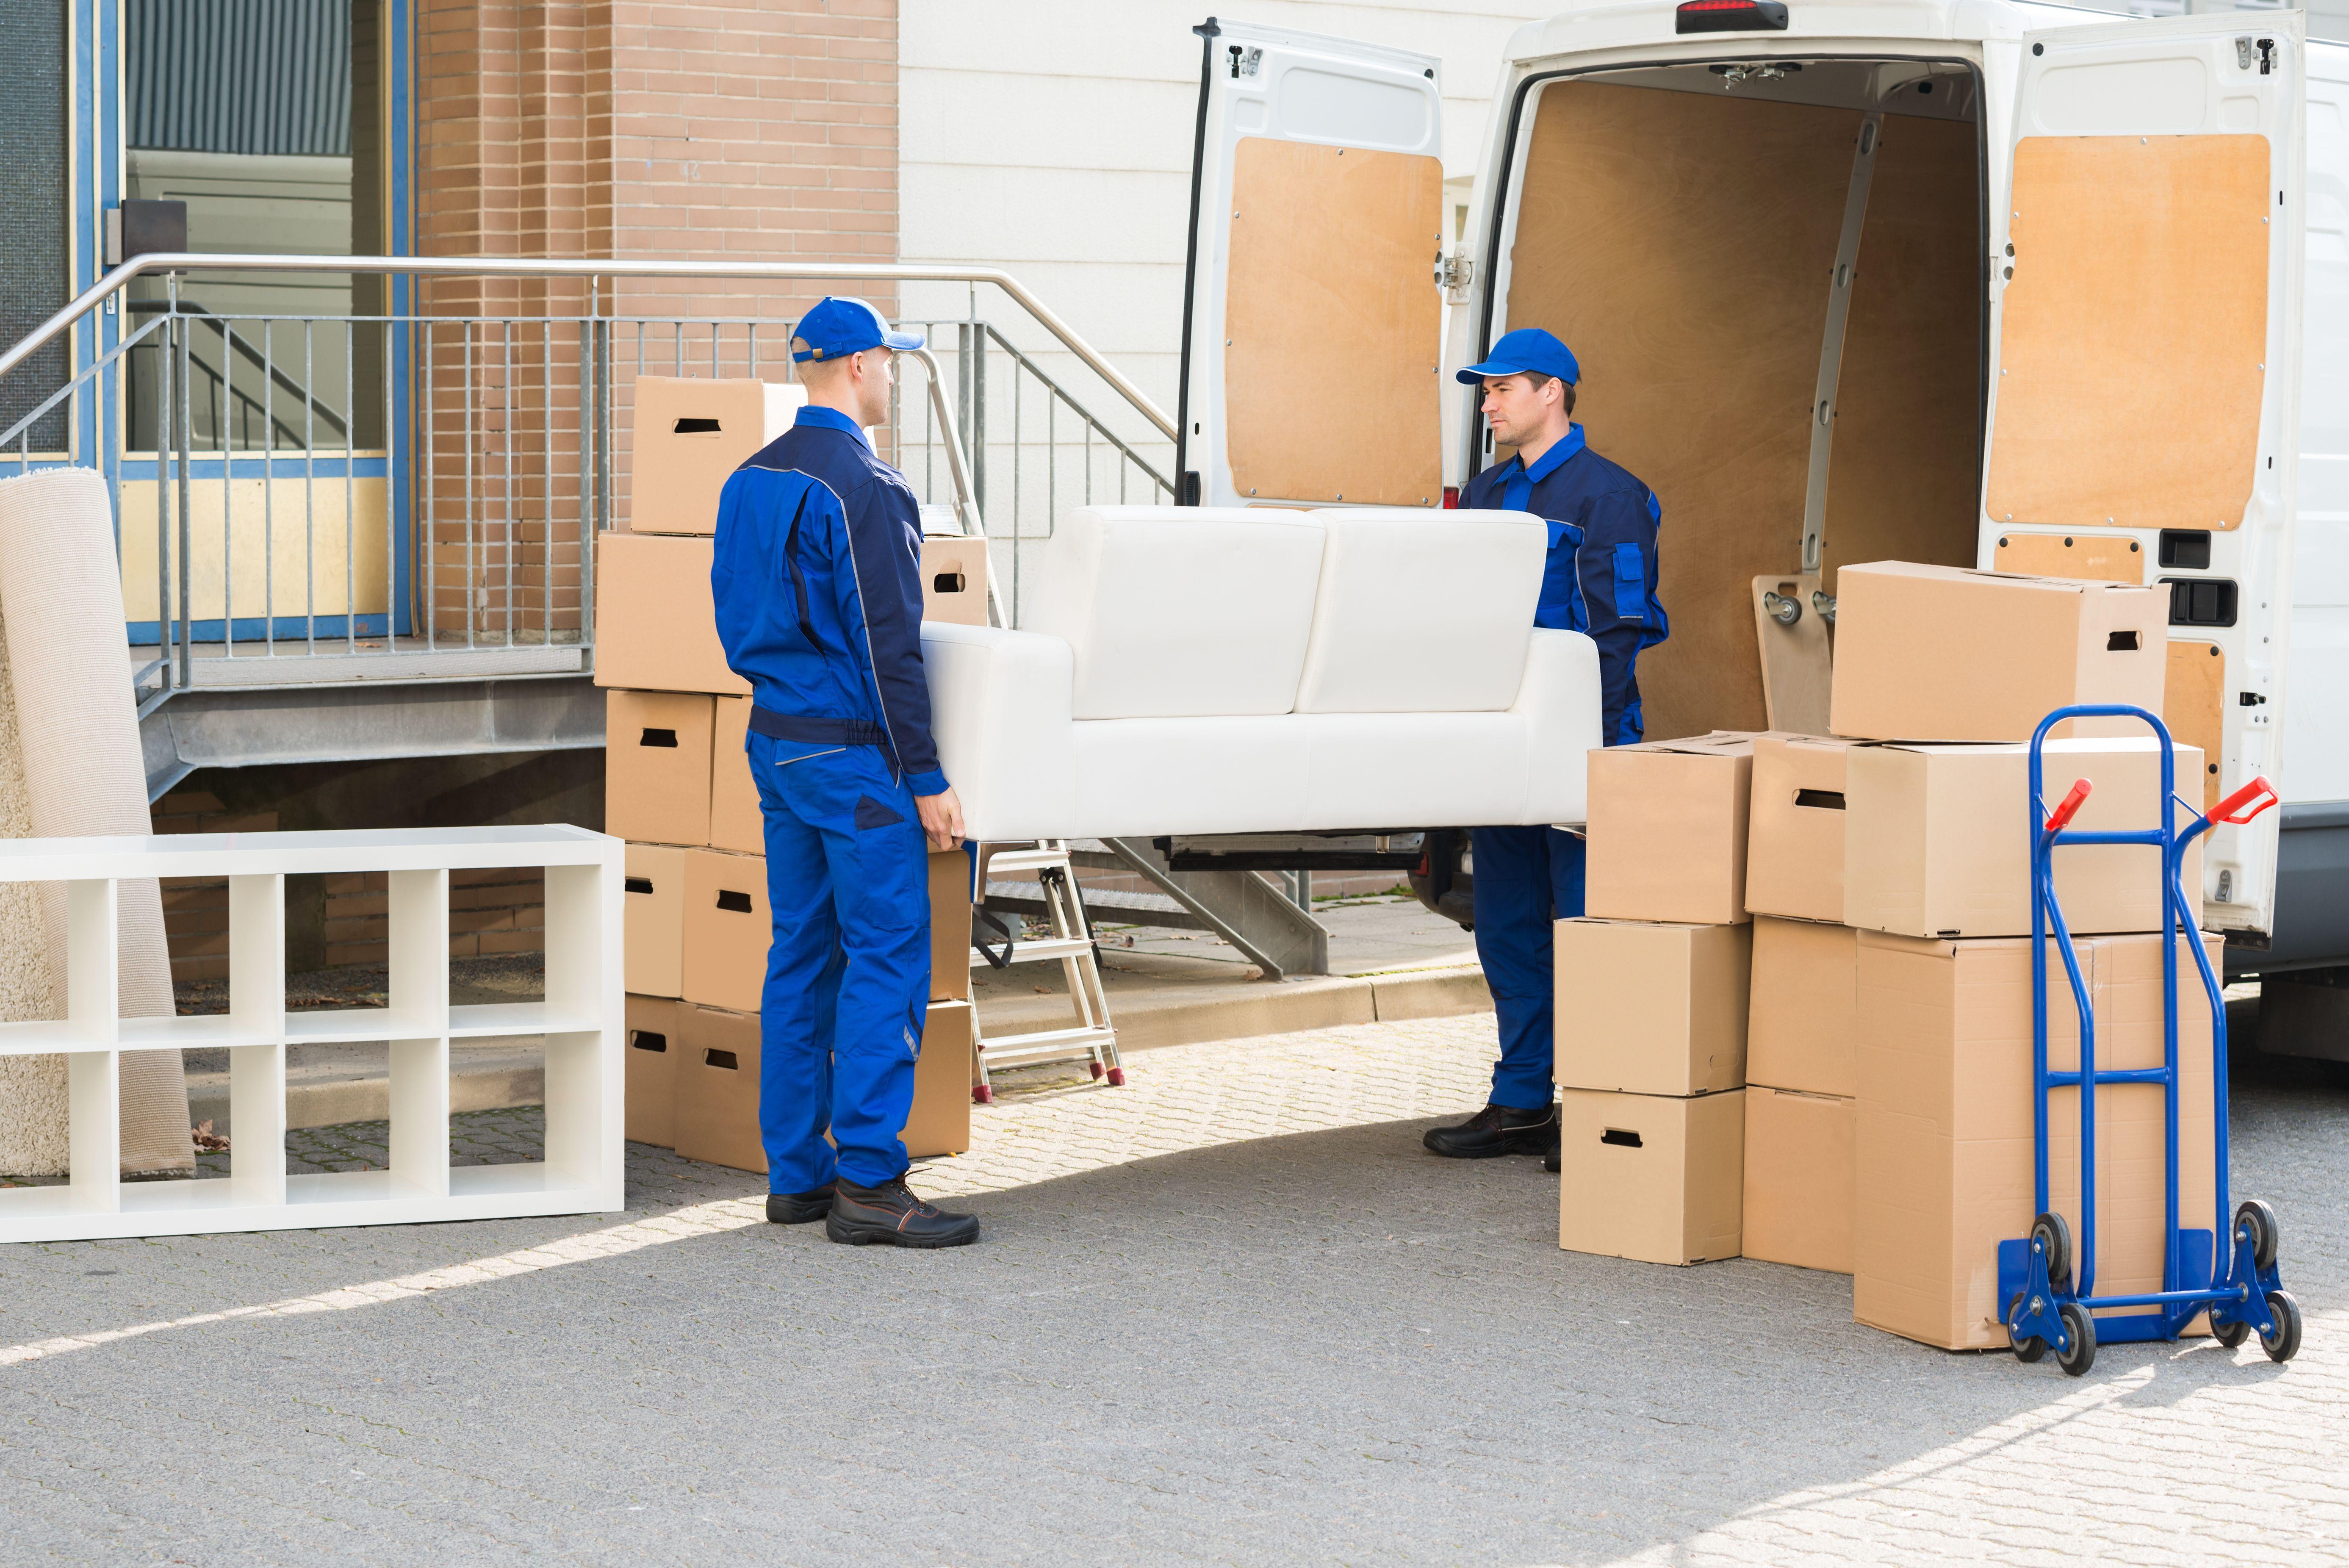 Montaje y desmontaje de muebles: Servicios de Transportes Europeos Servefran